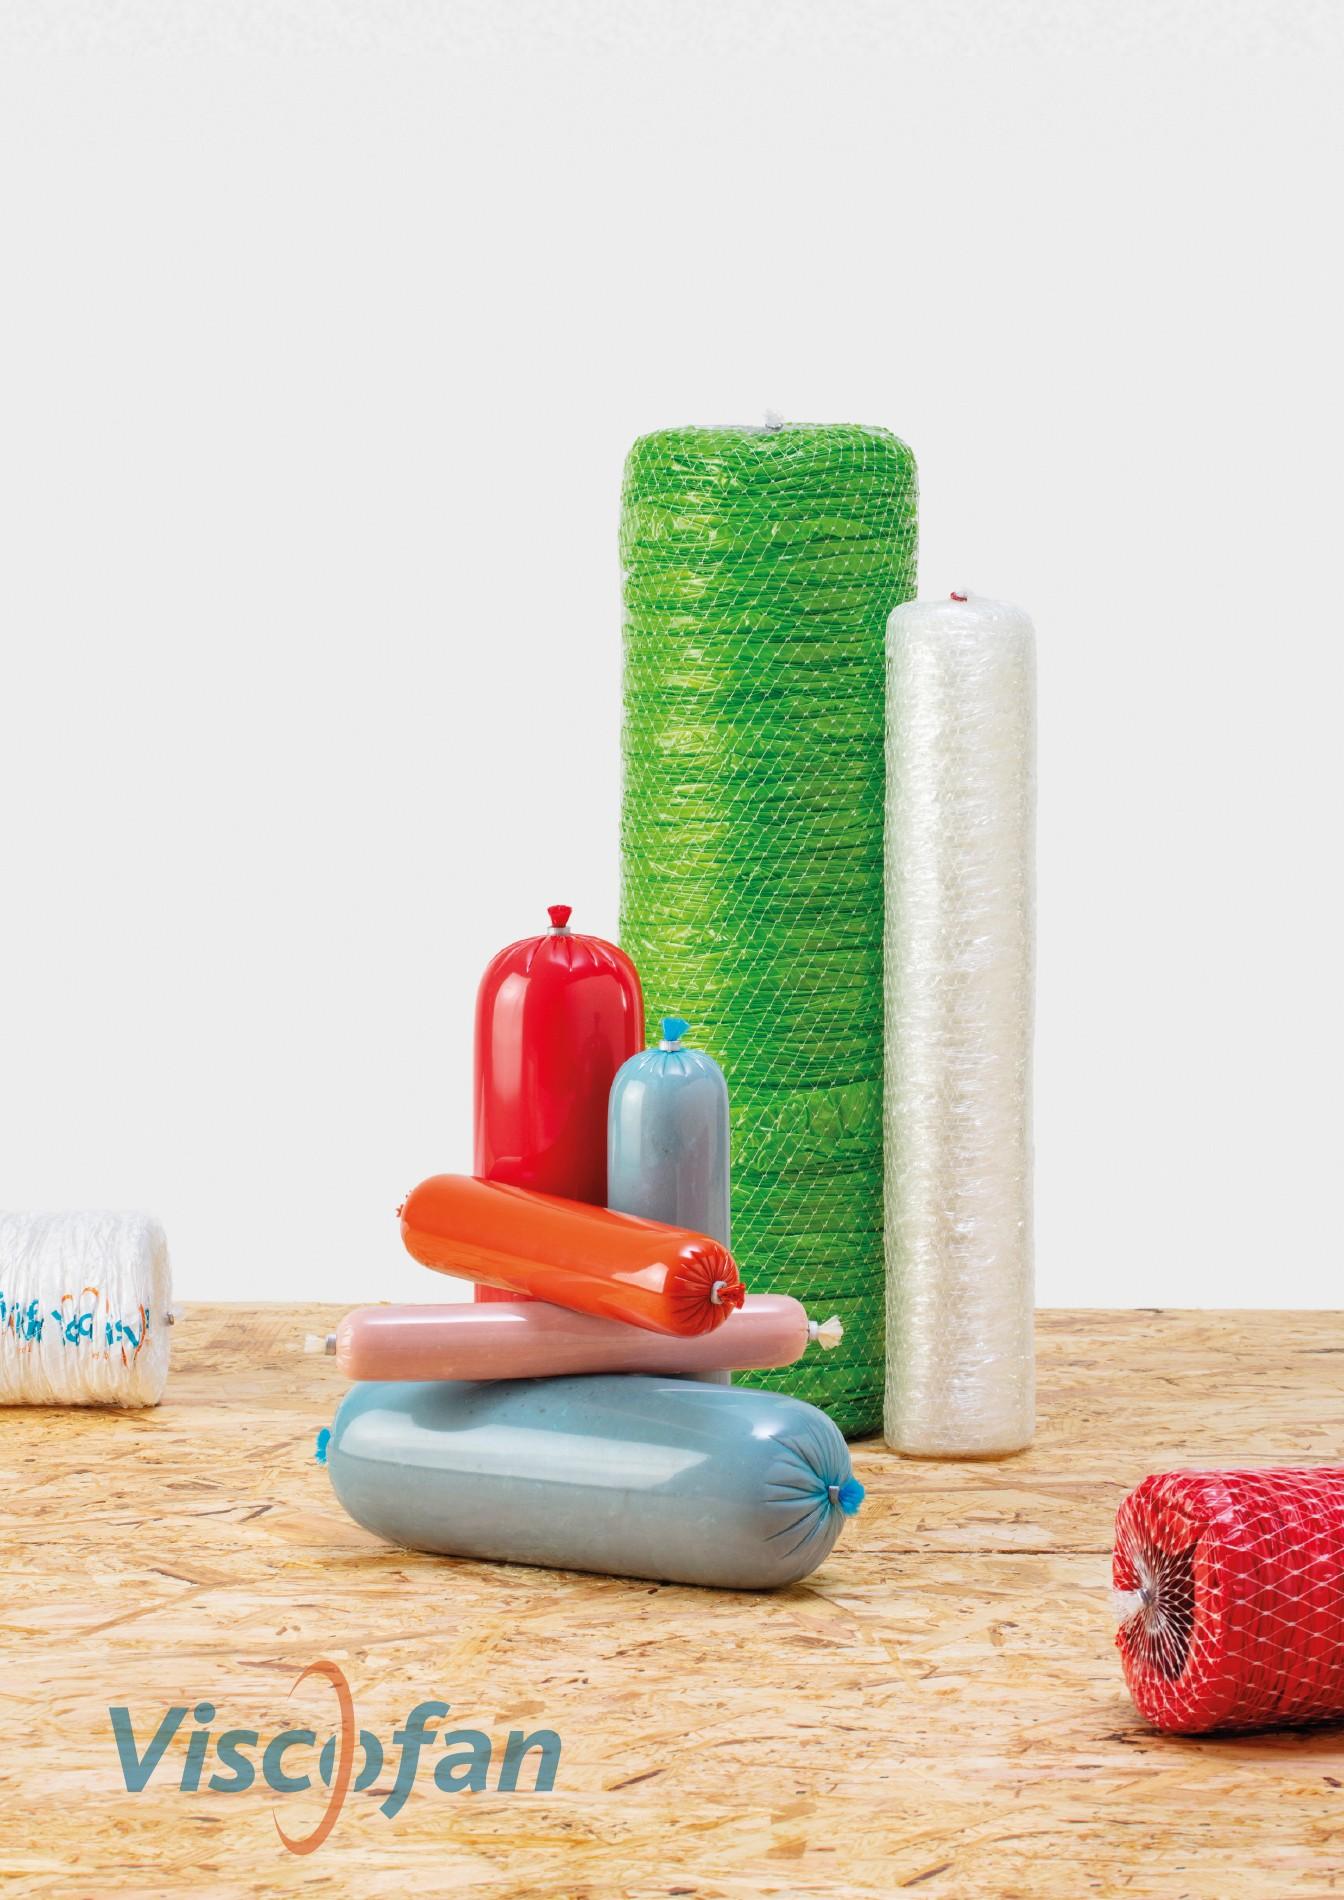 Viscofan lança nova linha de tripas plásticas sustentáveis para a indústria de alimentos